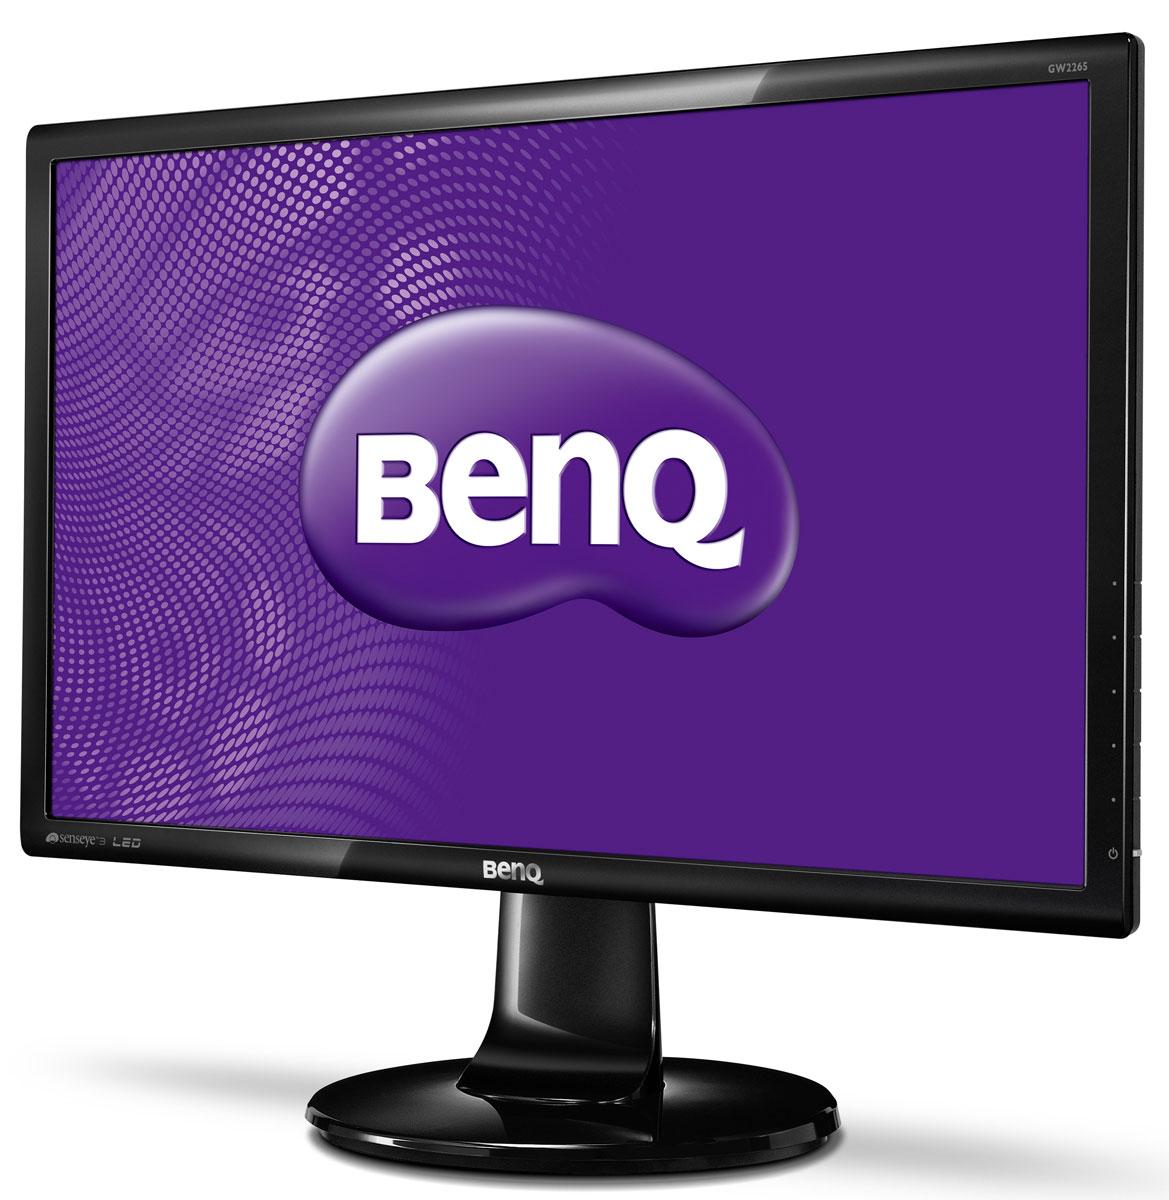 BenQ GW2265M, Glossy Black монитор9H.LASLA.DPEМонитор для дома и офиса BenQ GW2265M с матрицей VA и светодиодной подсветкой. Более глубокий черный цвет, высокий уровень статической контрастности позволят Вам разглядеть даже самые мелкие детали. Наслаждайтесь ярким, живым, максимально приближенным к реальности изображением с мониторами серии GW. Высочайший уровень статической и динамической контрастности: Уровень статической контрастности монитора GW2265M составляет 3000:1, динамической 20M:1. Это позволяет увидеть даже мельчайшие детали изображения в самых темных и сложных визуальных сценах. Все оттенки - от самого черного до самого белого - передаются с потрясающей четкостью, создавая по-настоящему насыщенное изображение Встроенные динамики: Монитор GW2265M дает возможность полного погружения в происходящее на экране благодаря встроенным динамикам. Смотрите ли вы любимый фильм или слушаете музыку, монитор GW2265M подарит вам незабываемое аудиовизуальное удовольствие! ...